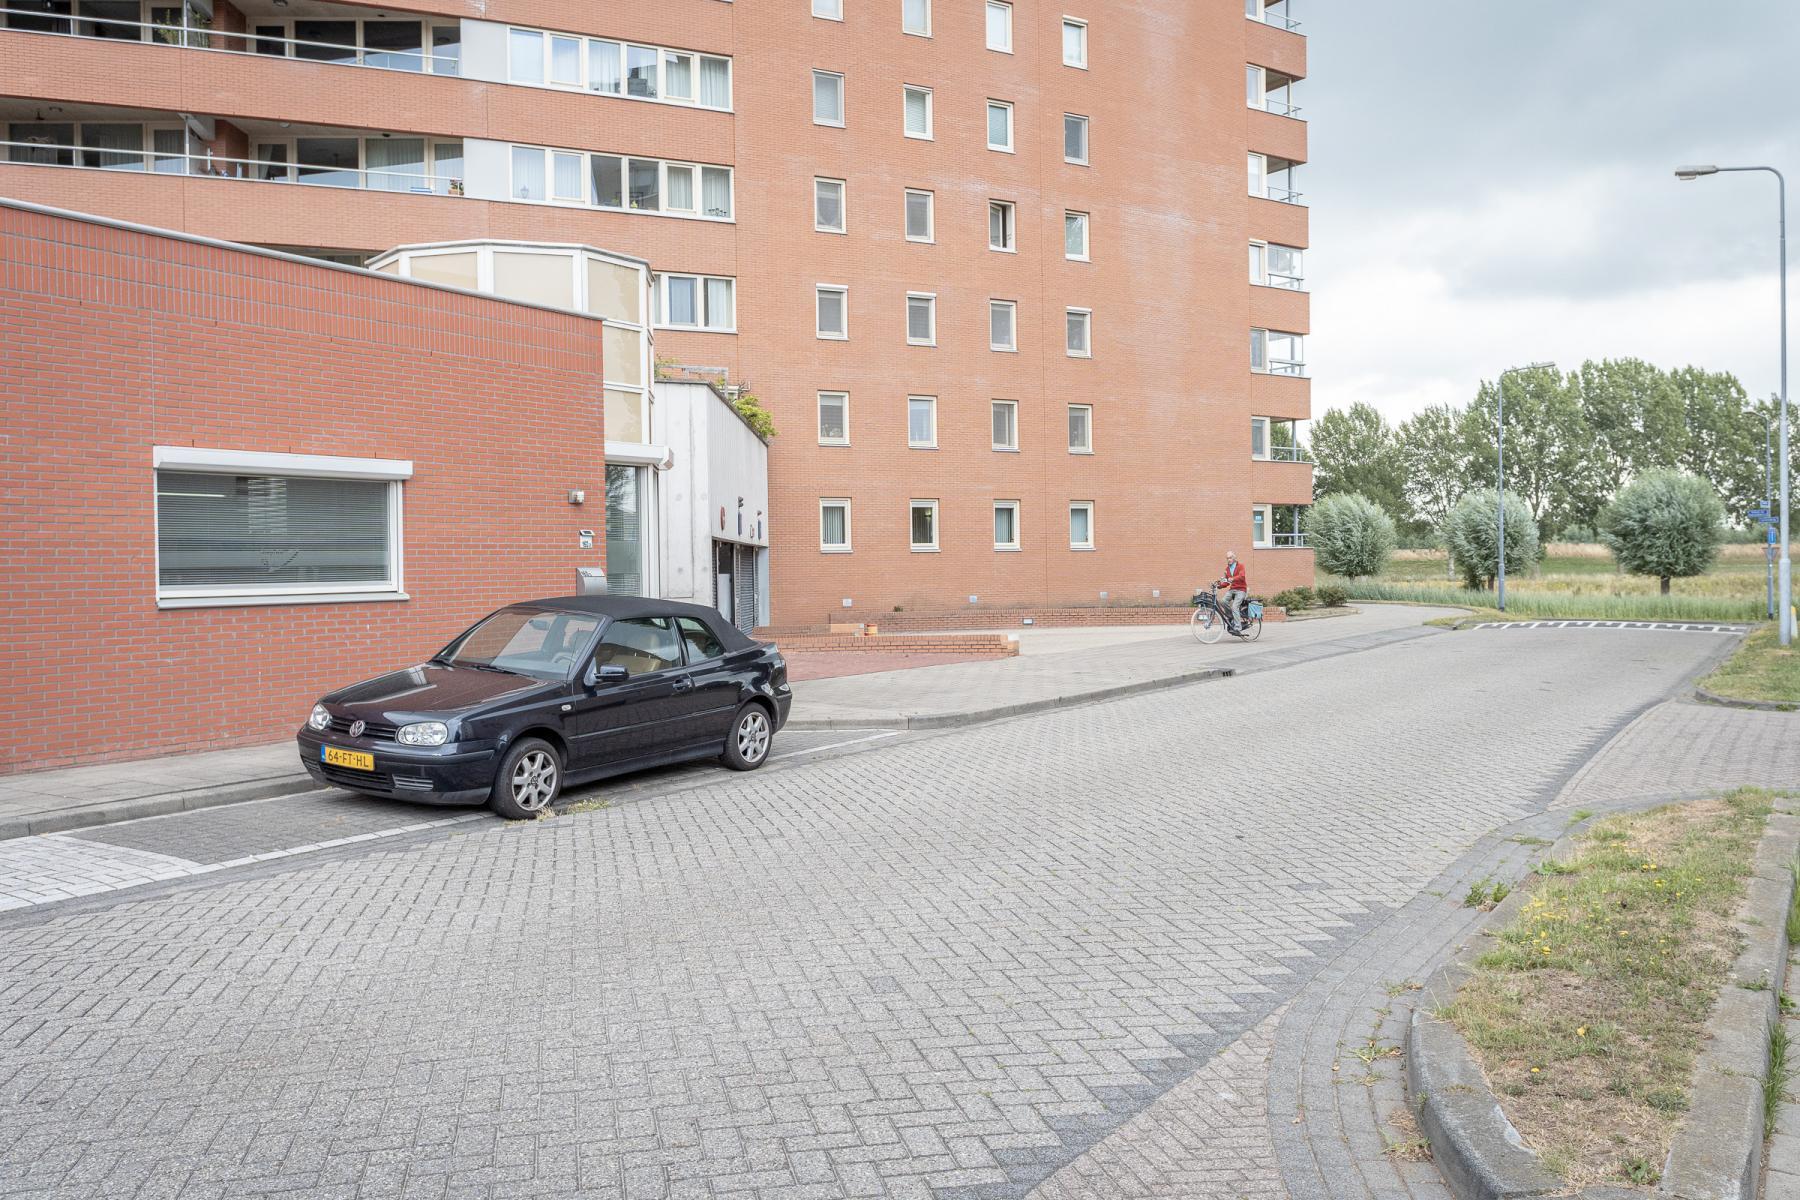 Kantoorruimte huren Schout van Haestrechtsingel 160a, 's-Hertogenbosch (4)